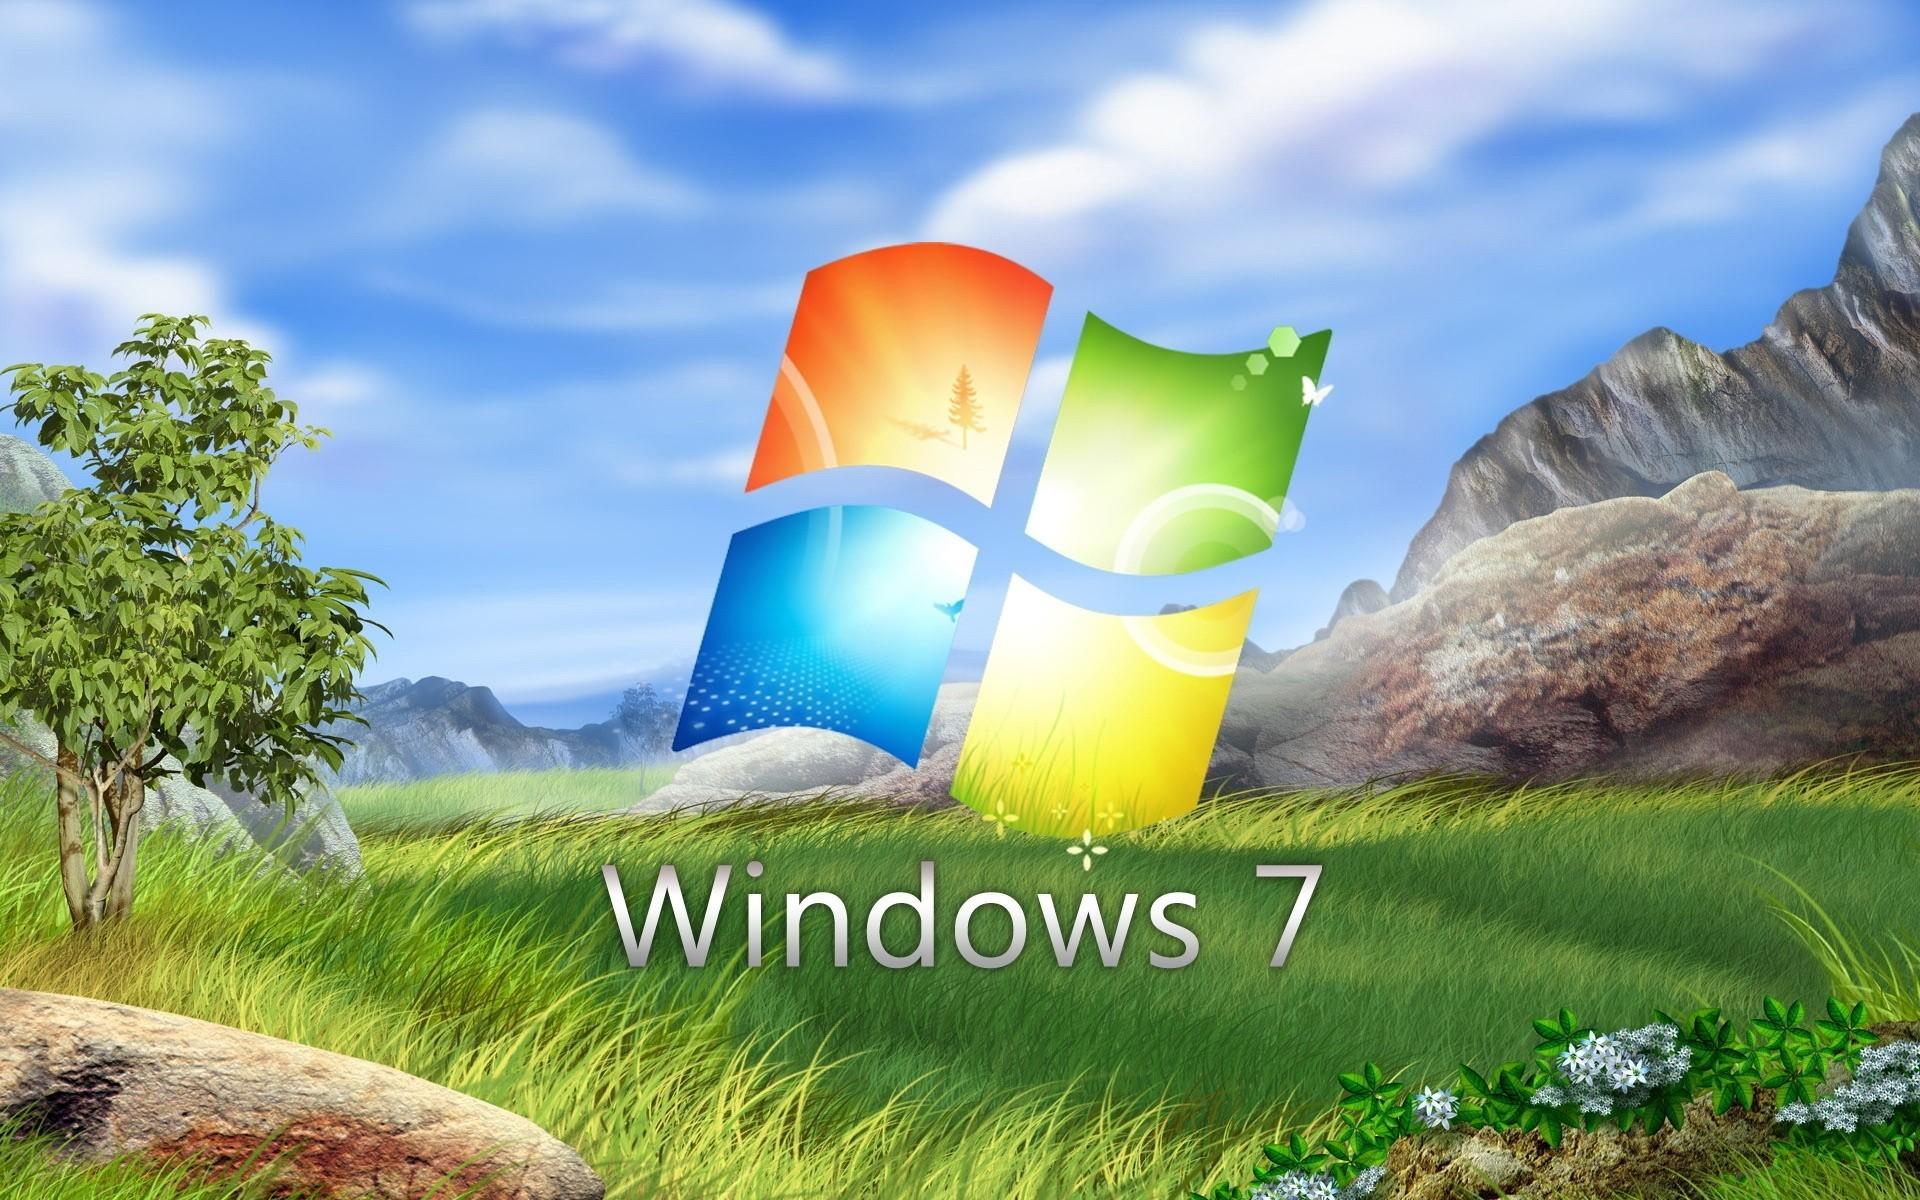 Автоматическая смена обоев на рабочем столе windows 7 из интернета